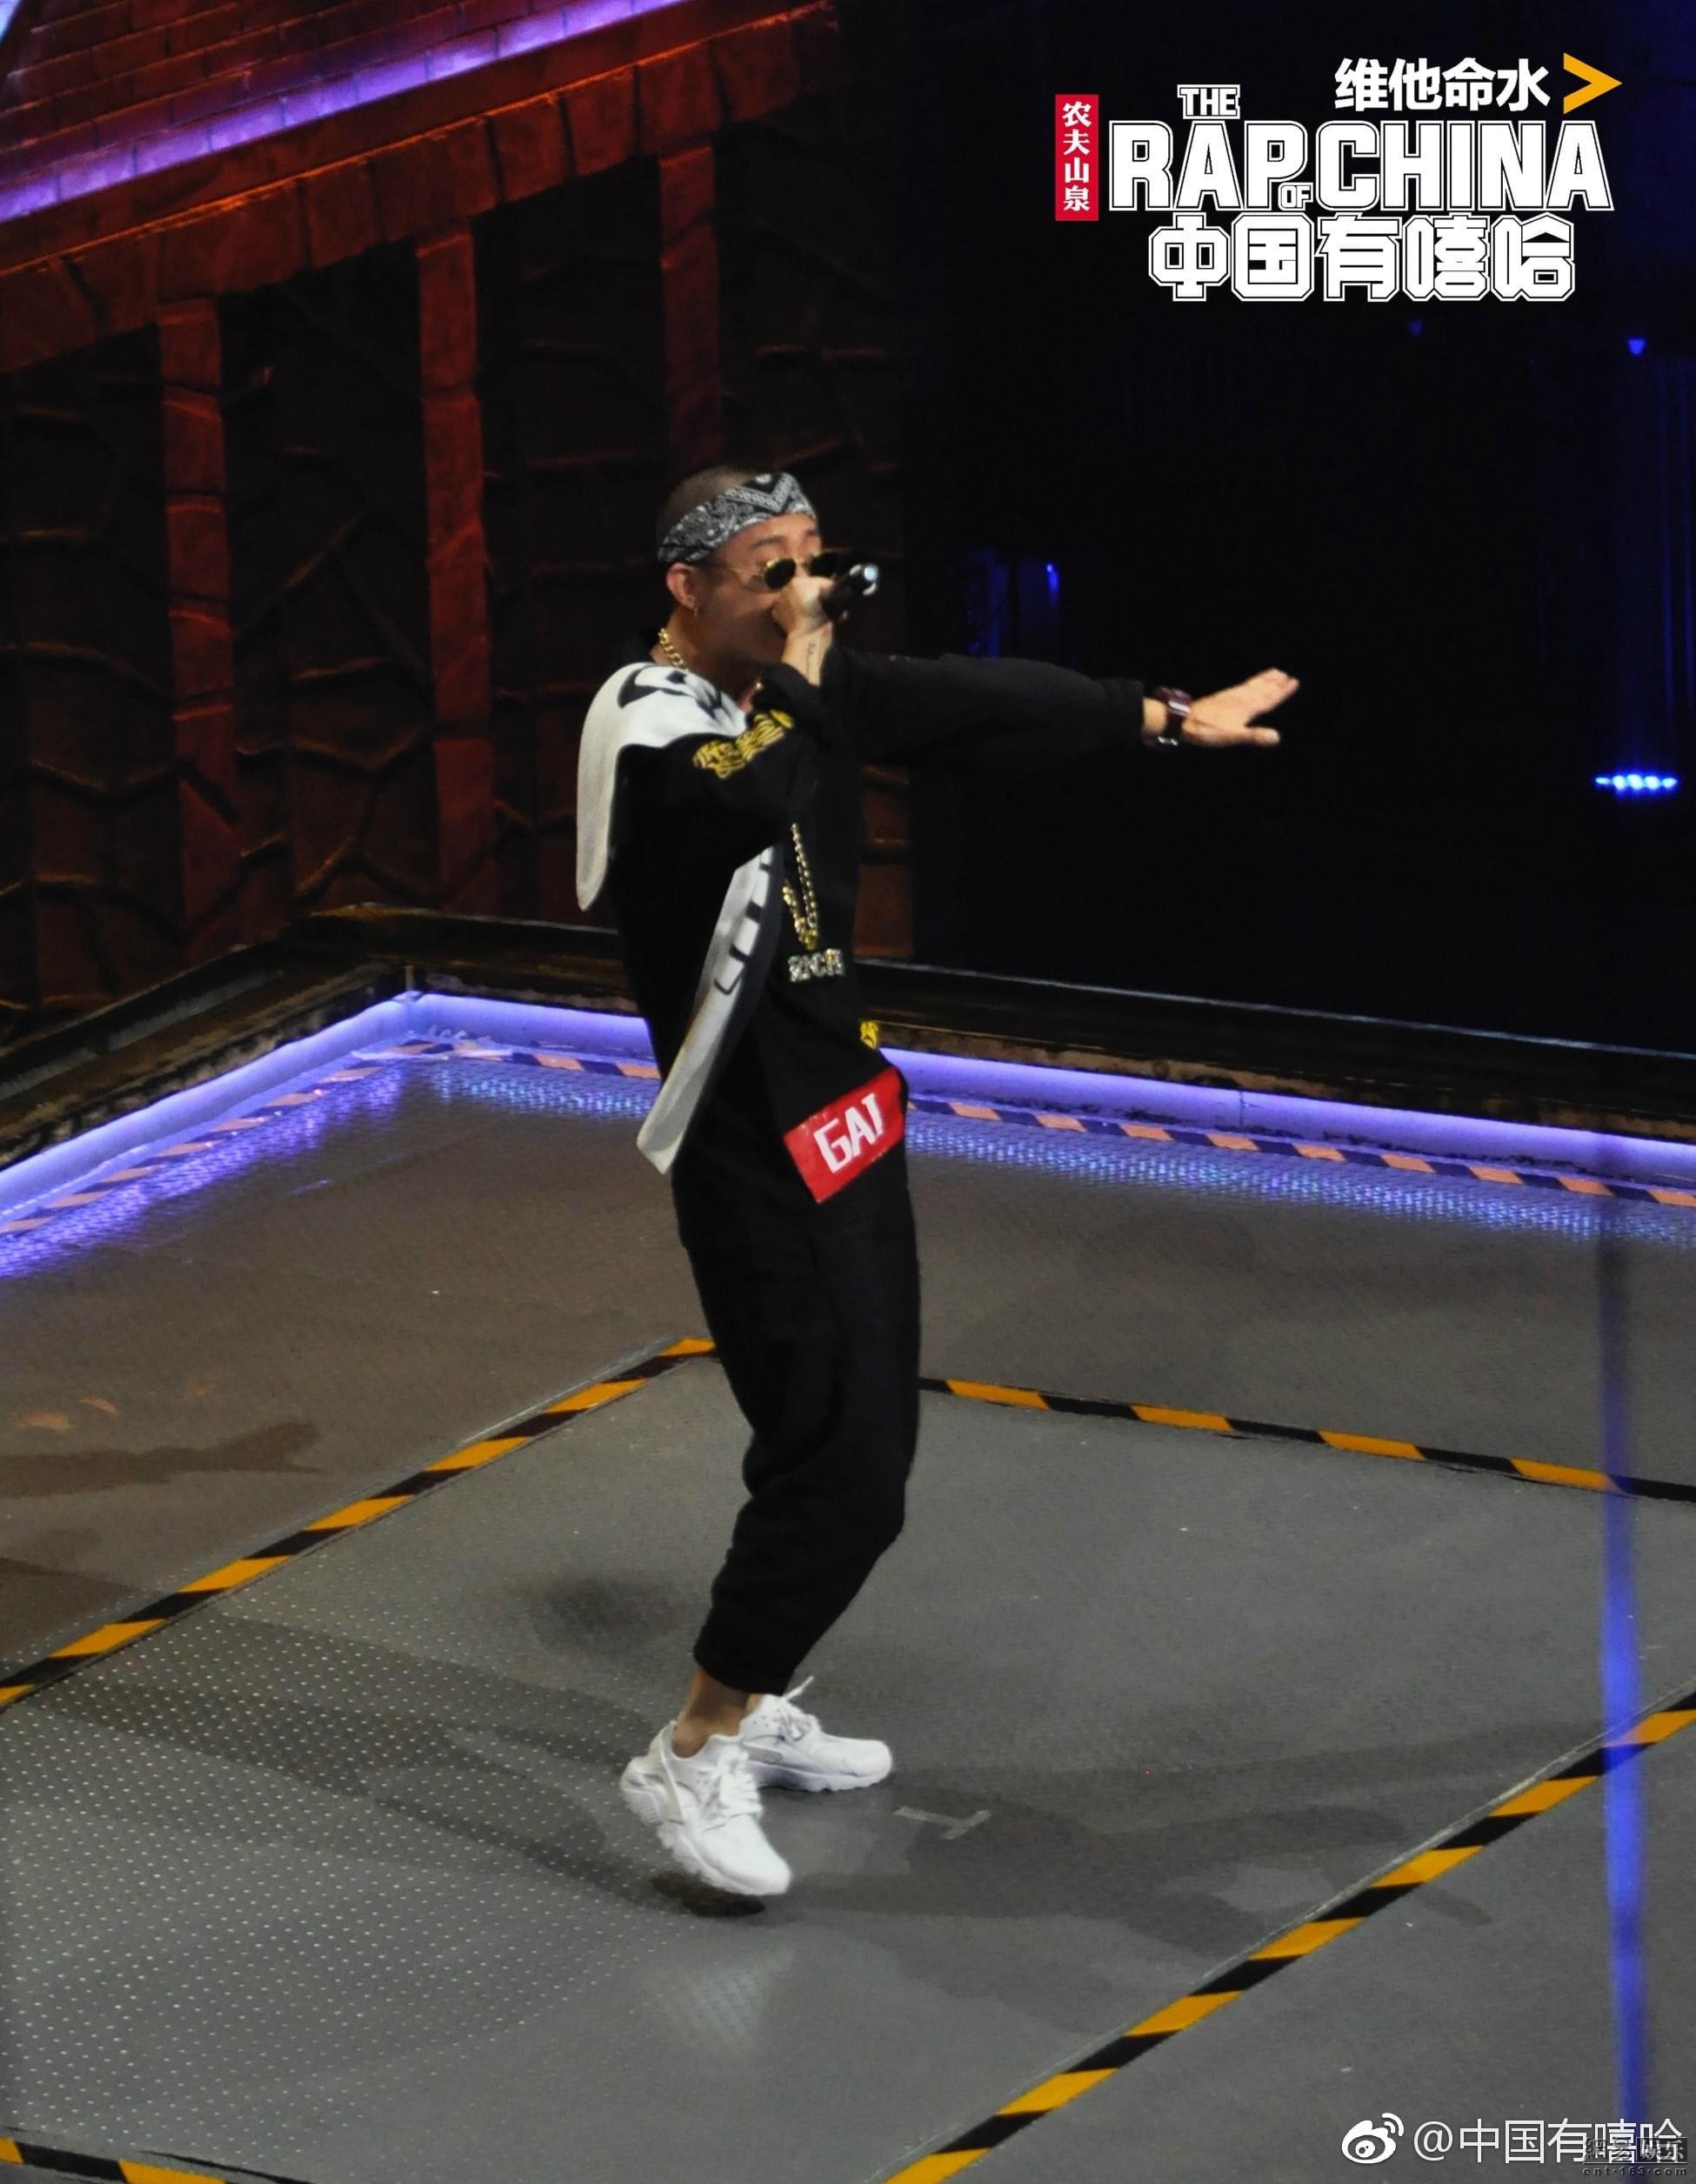 《天干物燥》火爆网络 掀起中国式嘻哈狂热